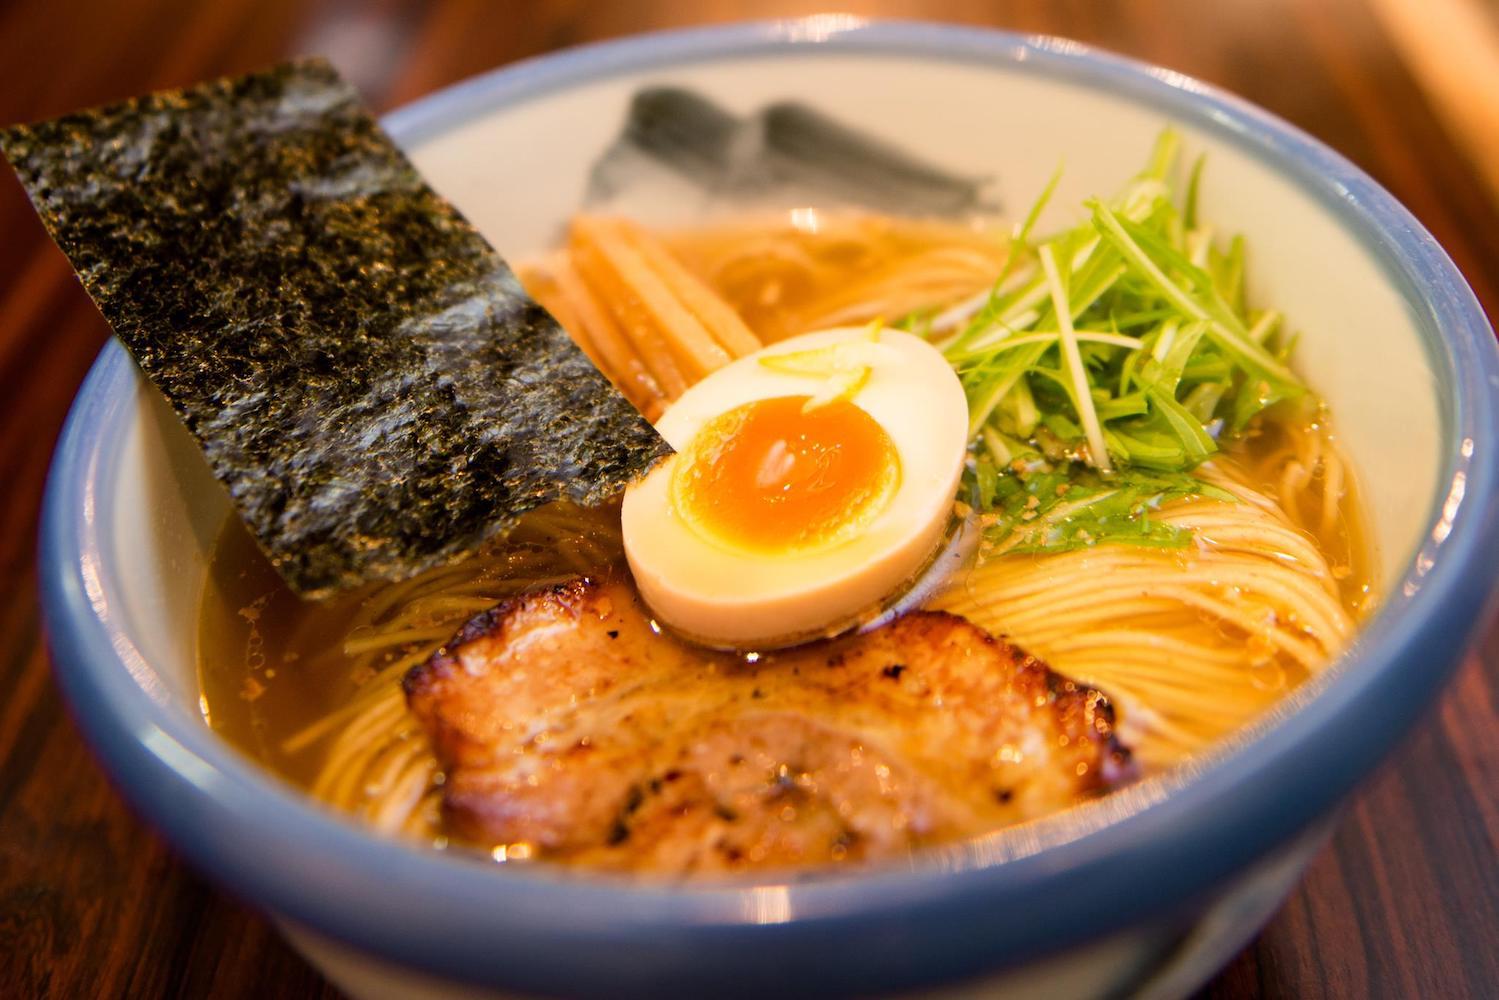 Best ramen in Ebisu Tokyo: Afuri is famous for its yuzu broth.